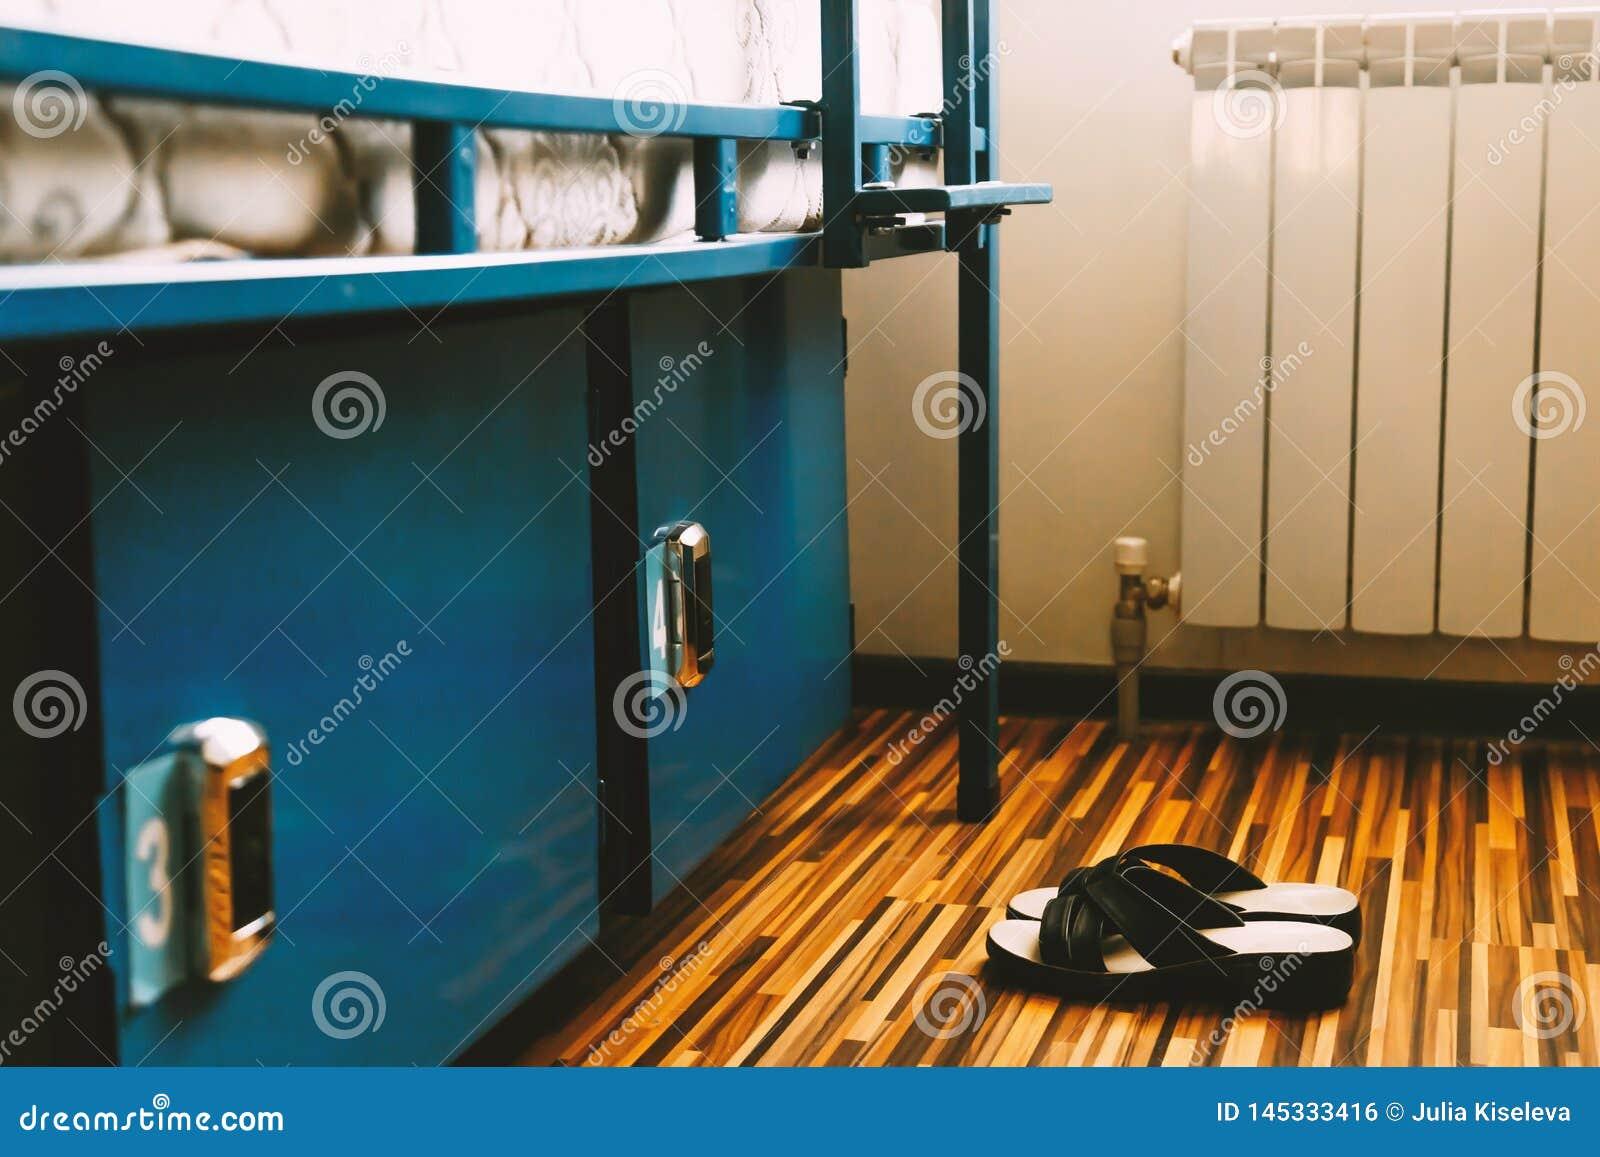 Un par de zapatos se sienta en el piso de una habitación